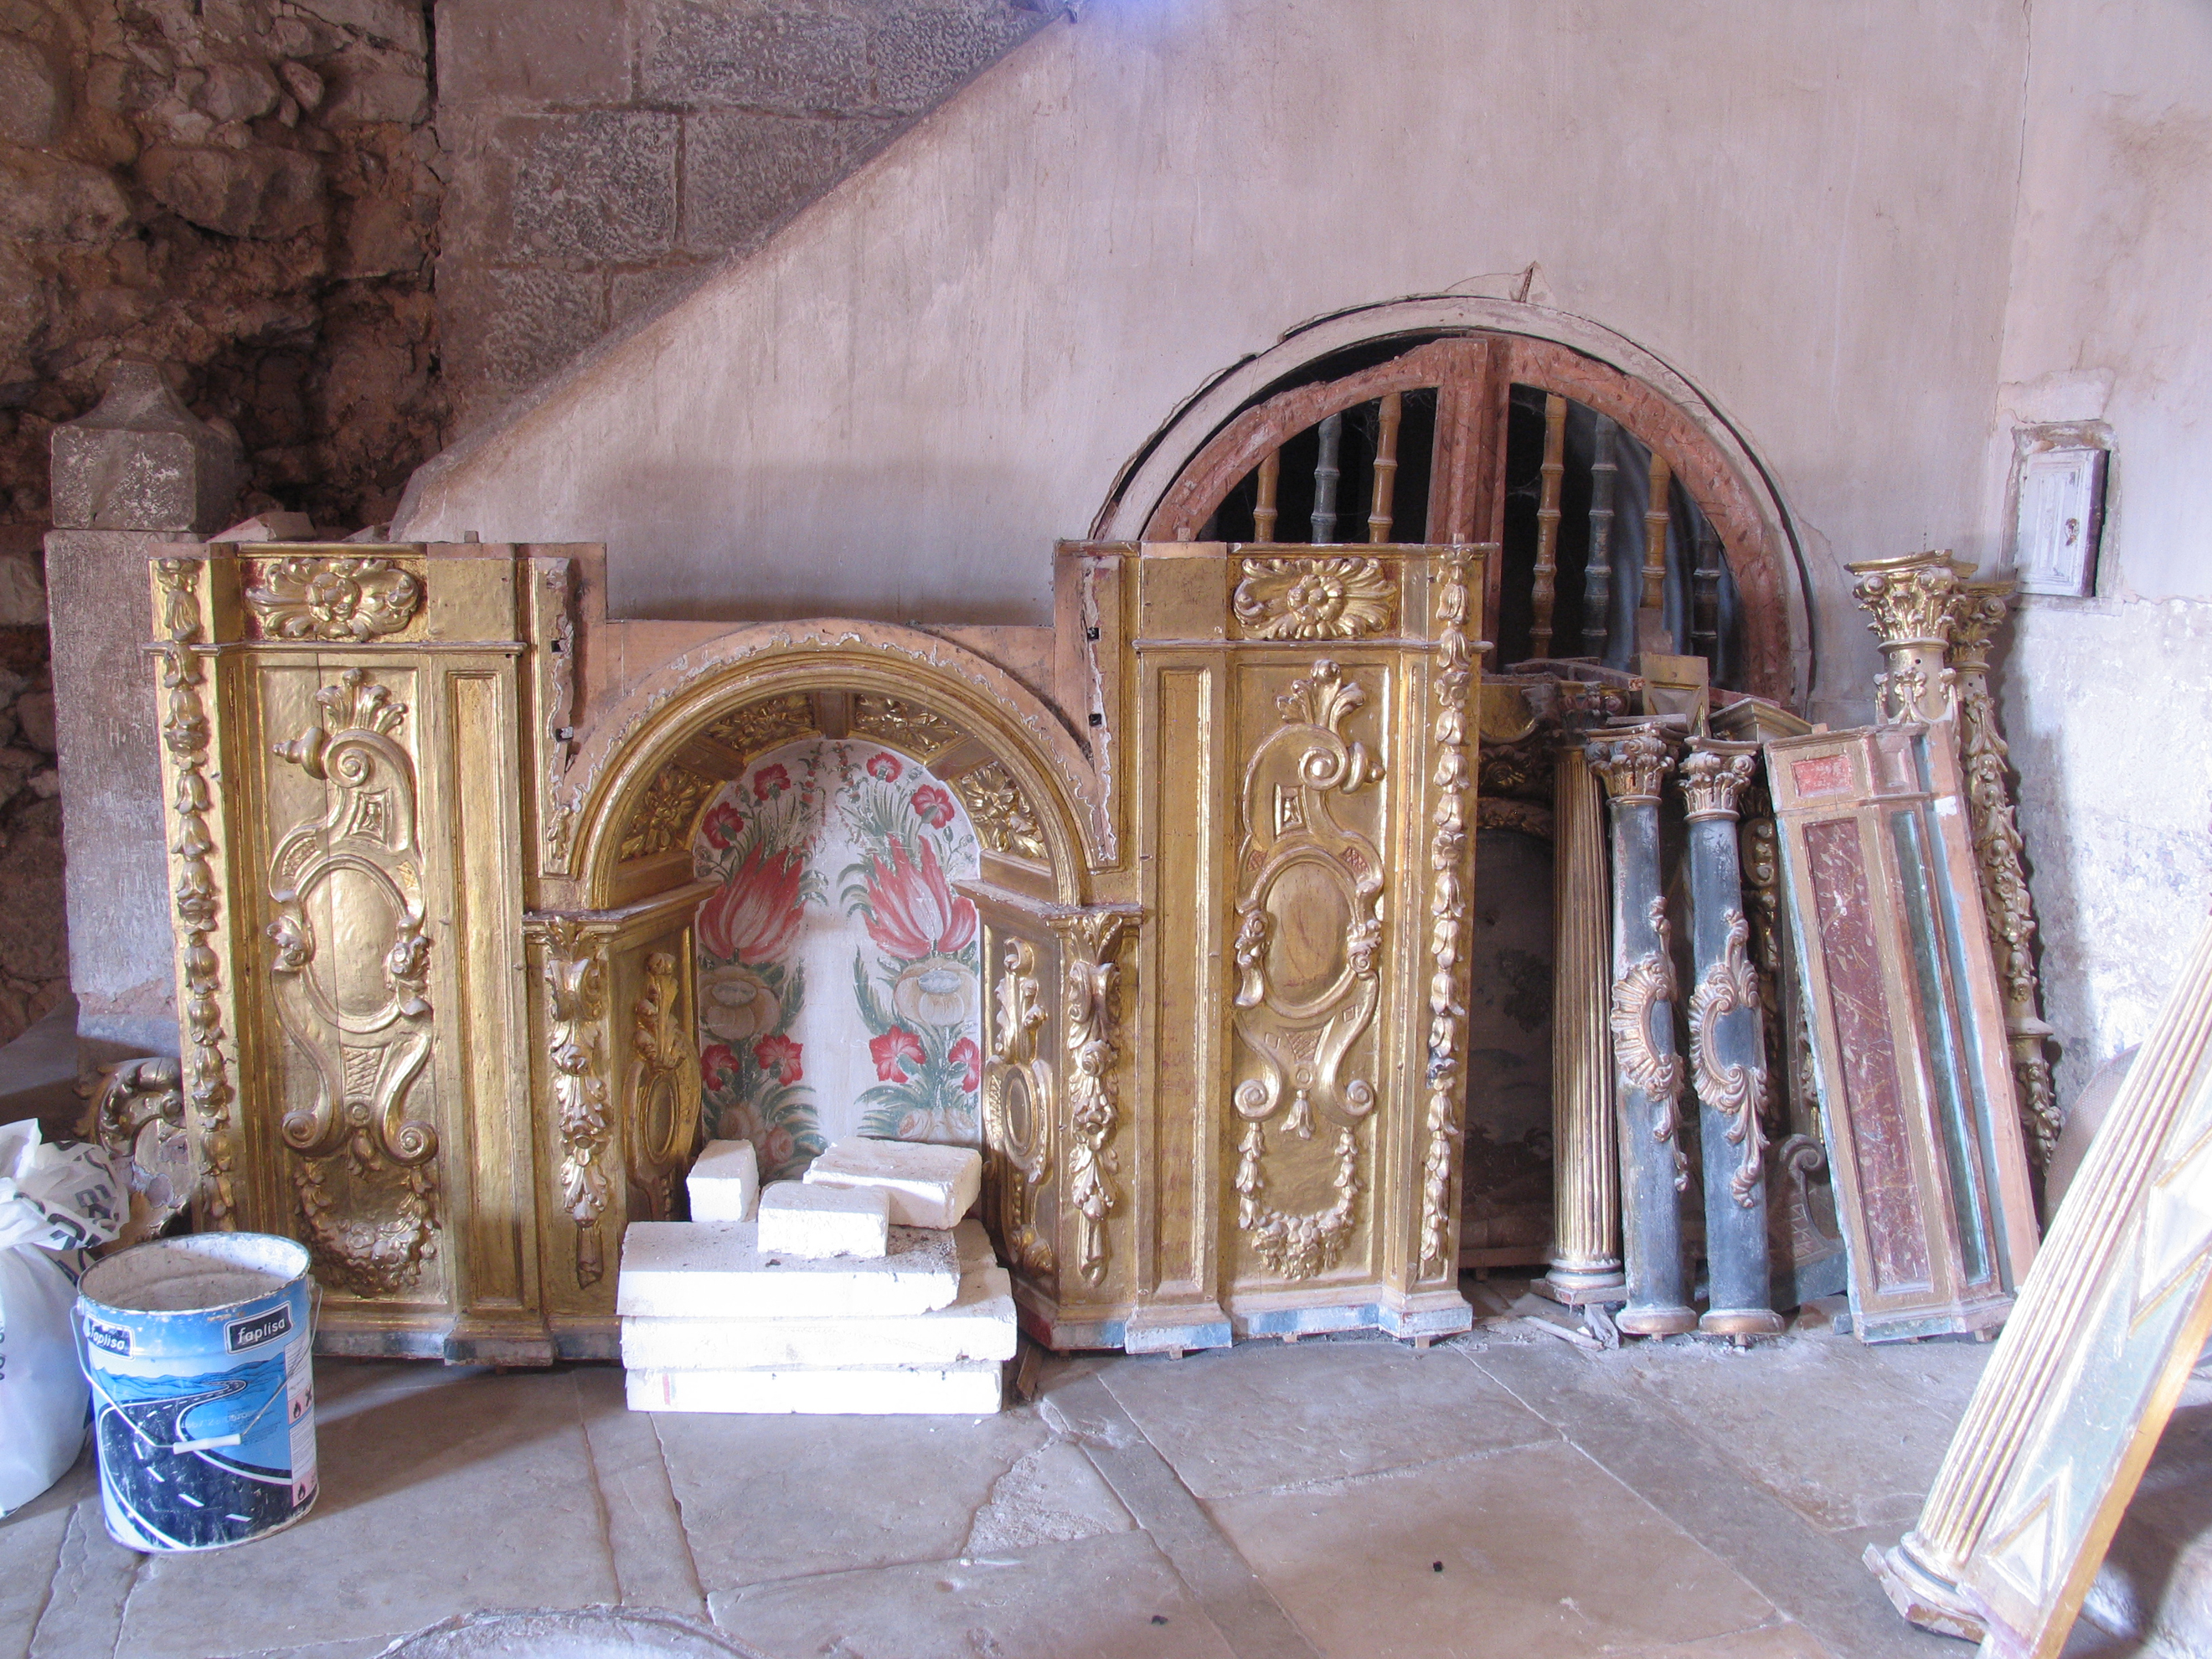 Vega del Bur. Retablo desmontado al fondo de la iglesia, esperando tiempos mejores.